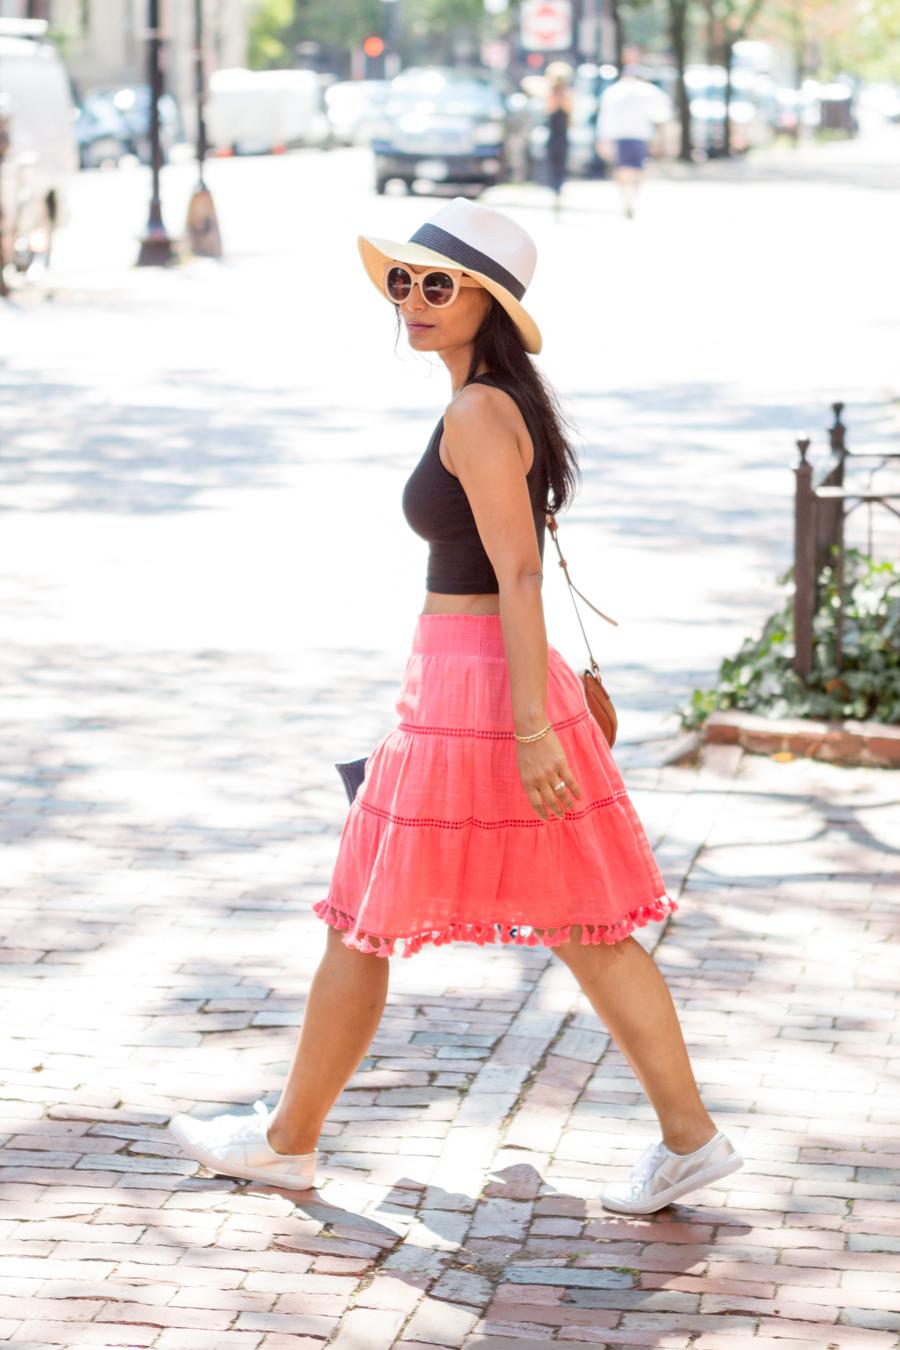 Boston Street Style: Boston Fashion, Boston Style 48